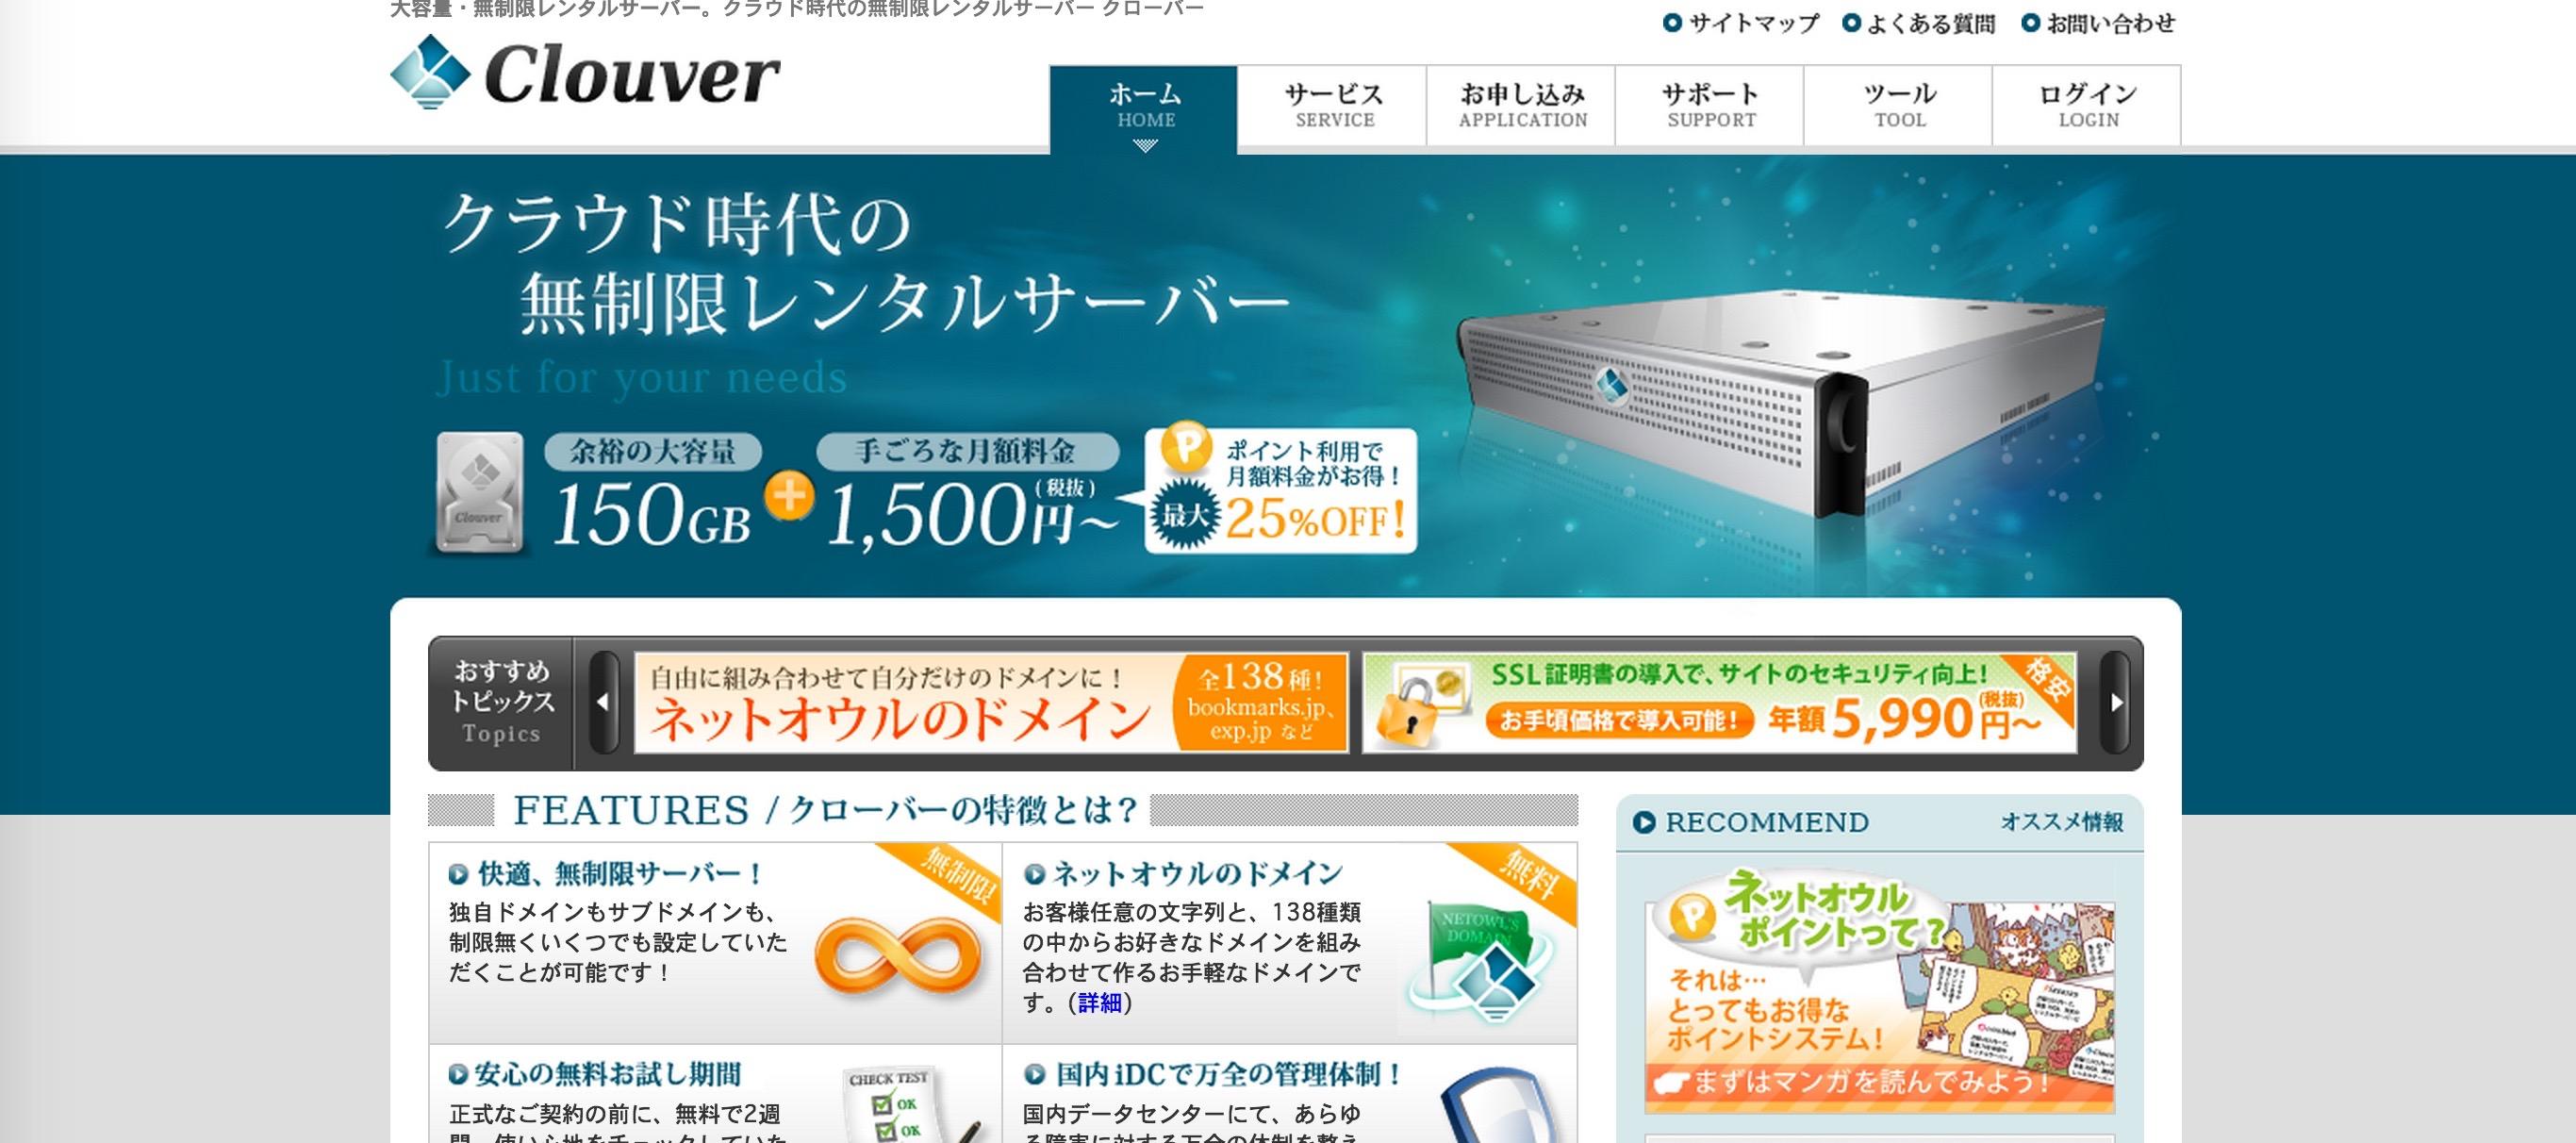 大容量・無制限レンタルサーバー_クローバー